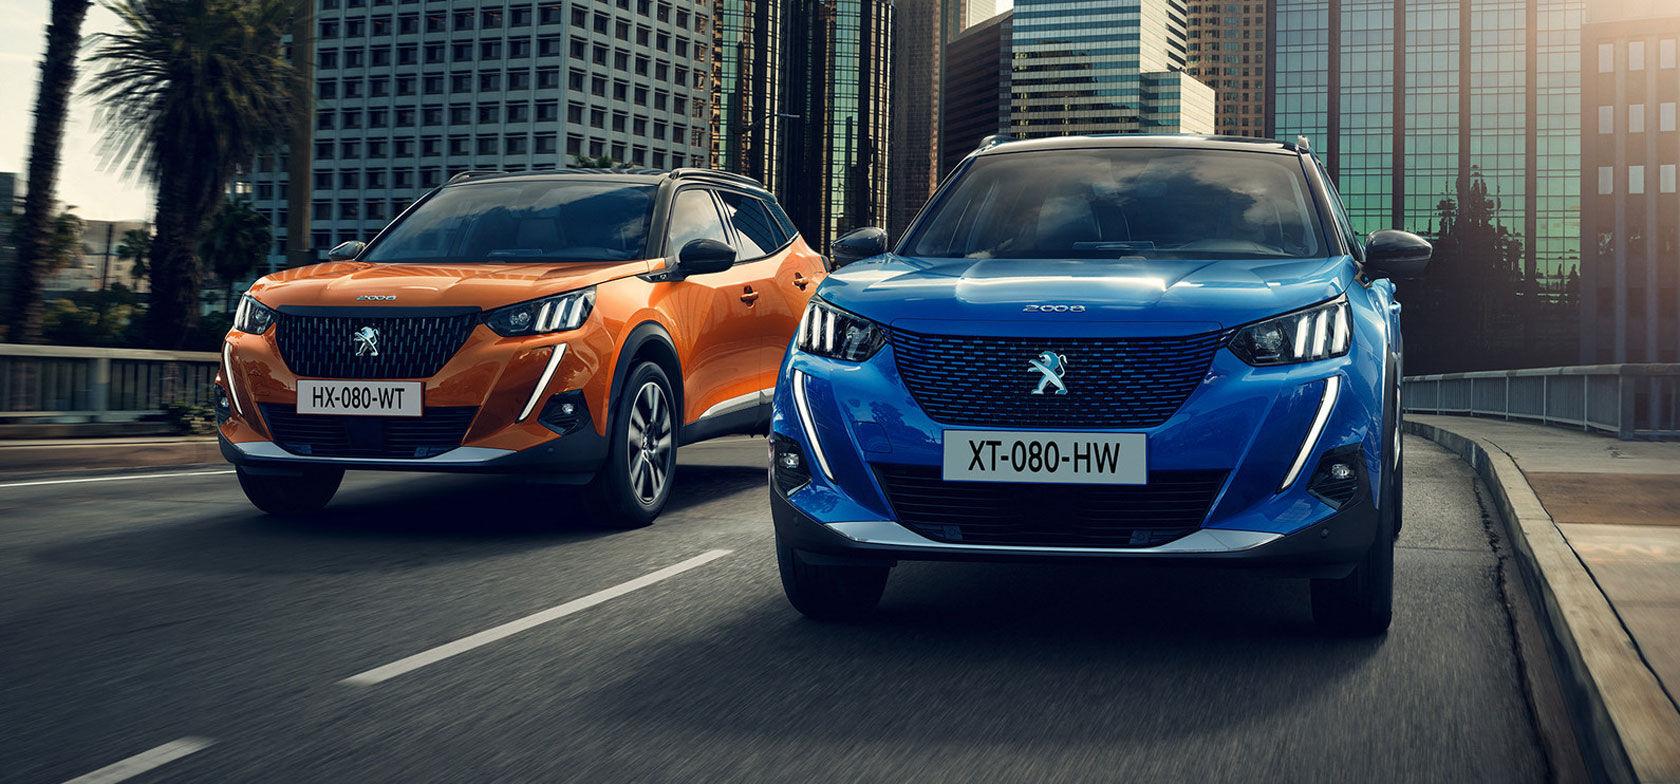 Ensiesittelyssä Peugeot 2008 –lanseerausetuna 5 vuoden takuu